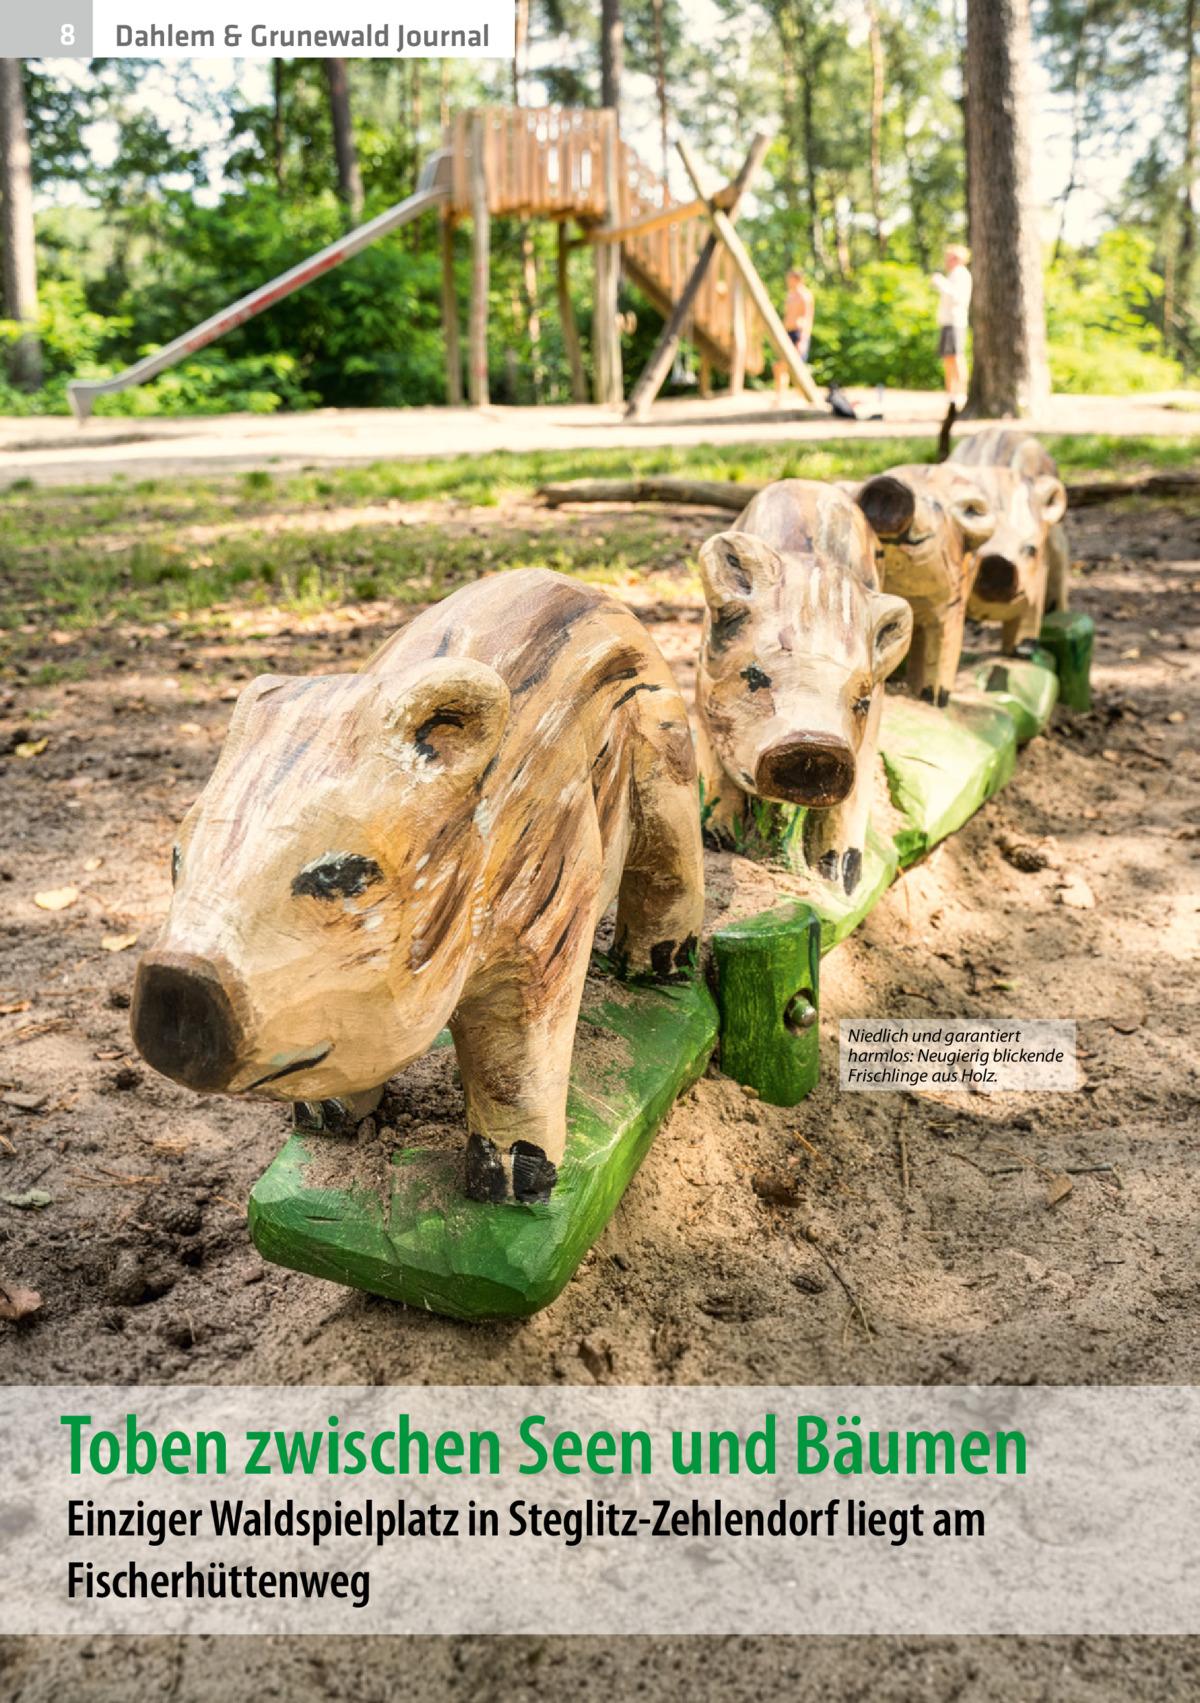 8  Dahlem & Grunewald Journal  Niedlich und garantiert harmlos: Neugierig blickende Frischlinge aus Holz.  Toben zwischen Seen und Bäumen Einziger Waldspielplatz in Steglitz-Zehlendorf liegt am Fischerhüttenweg